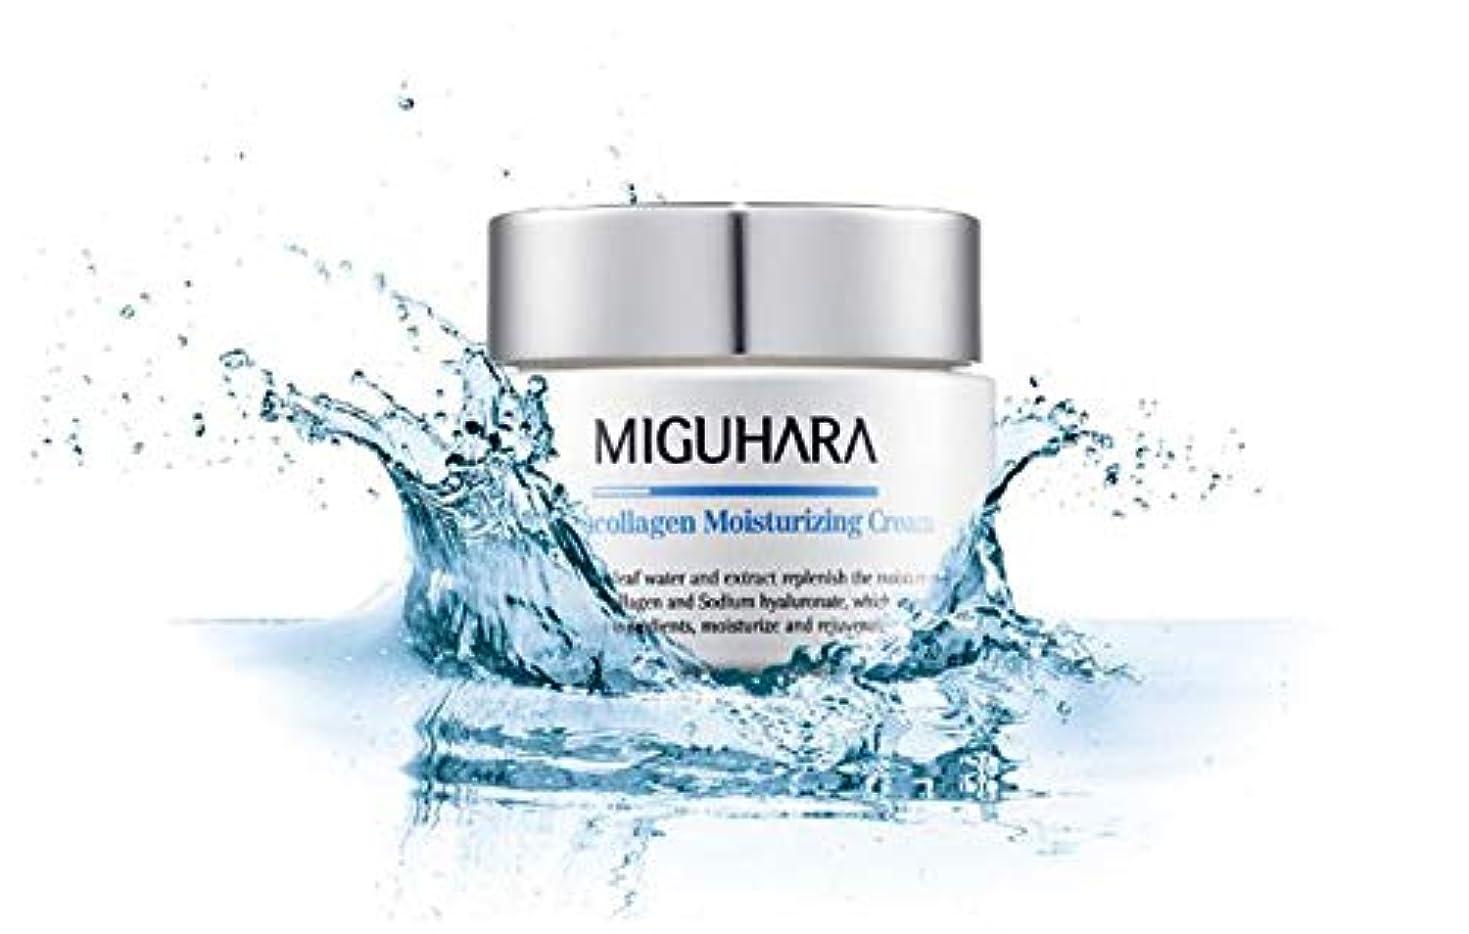 製造引き出す任命するMIGUHARA Hyalucollagen Moisturizing Cream 50ml/ヒアルロンコラーゲンモイスチャーライジングクリーム50ml